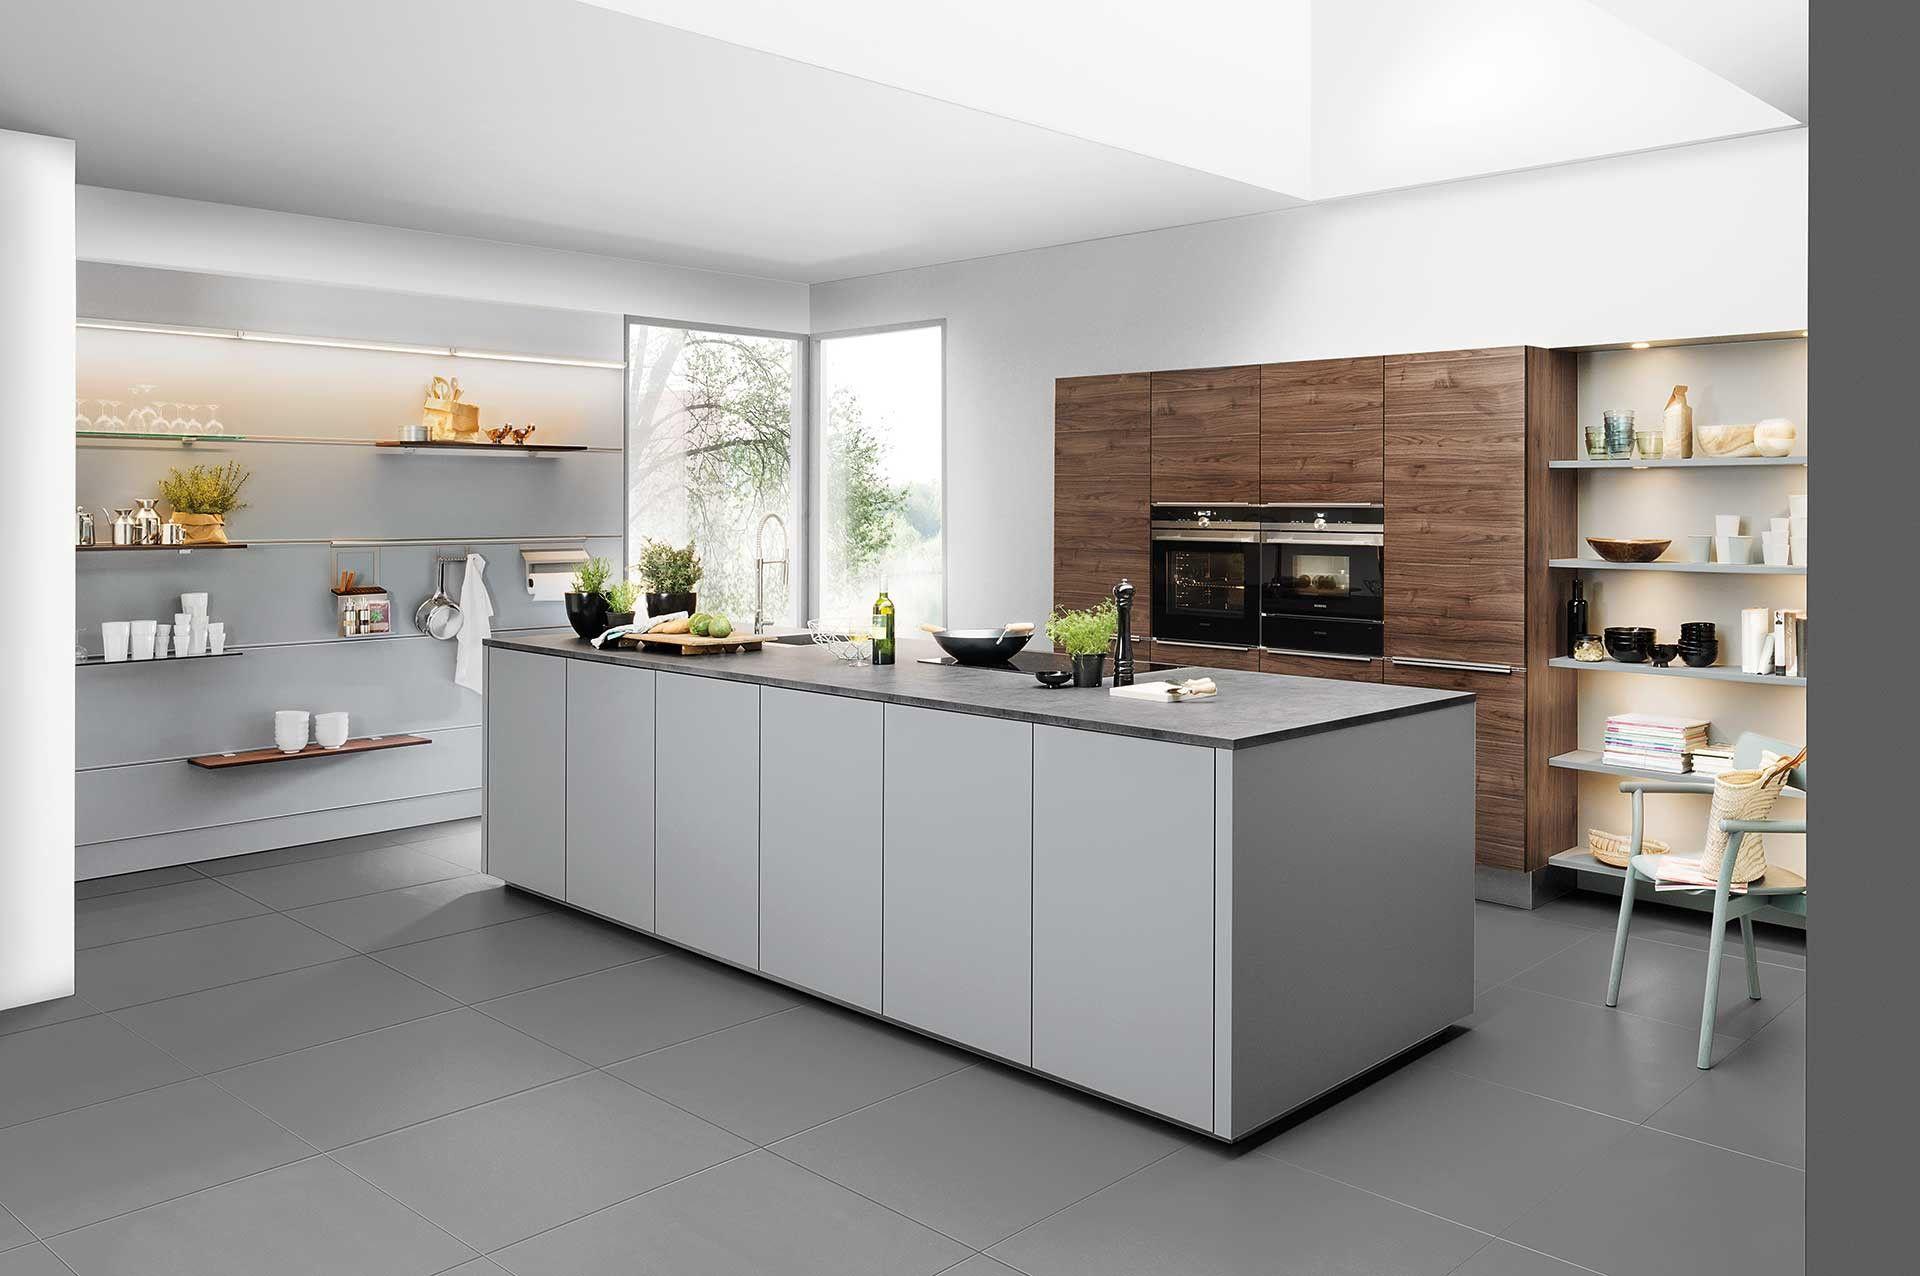 Grijze keuken met hout accenten de lichtgrijze kleur in deze